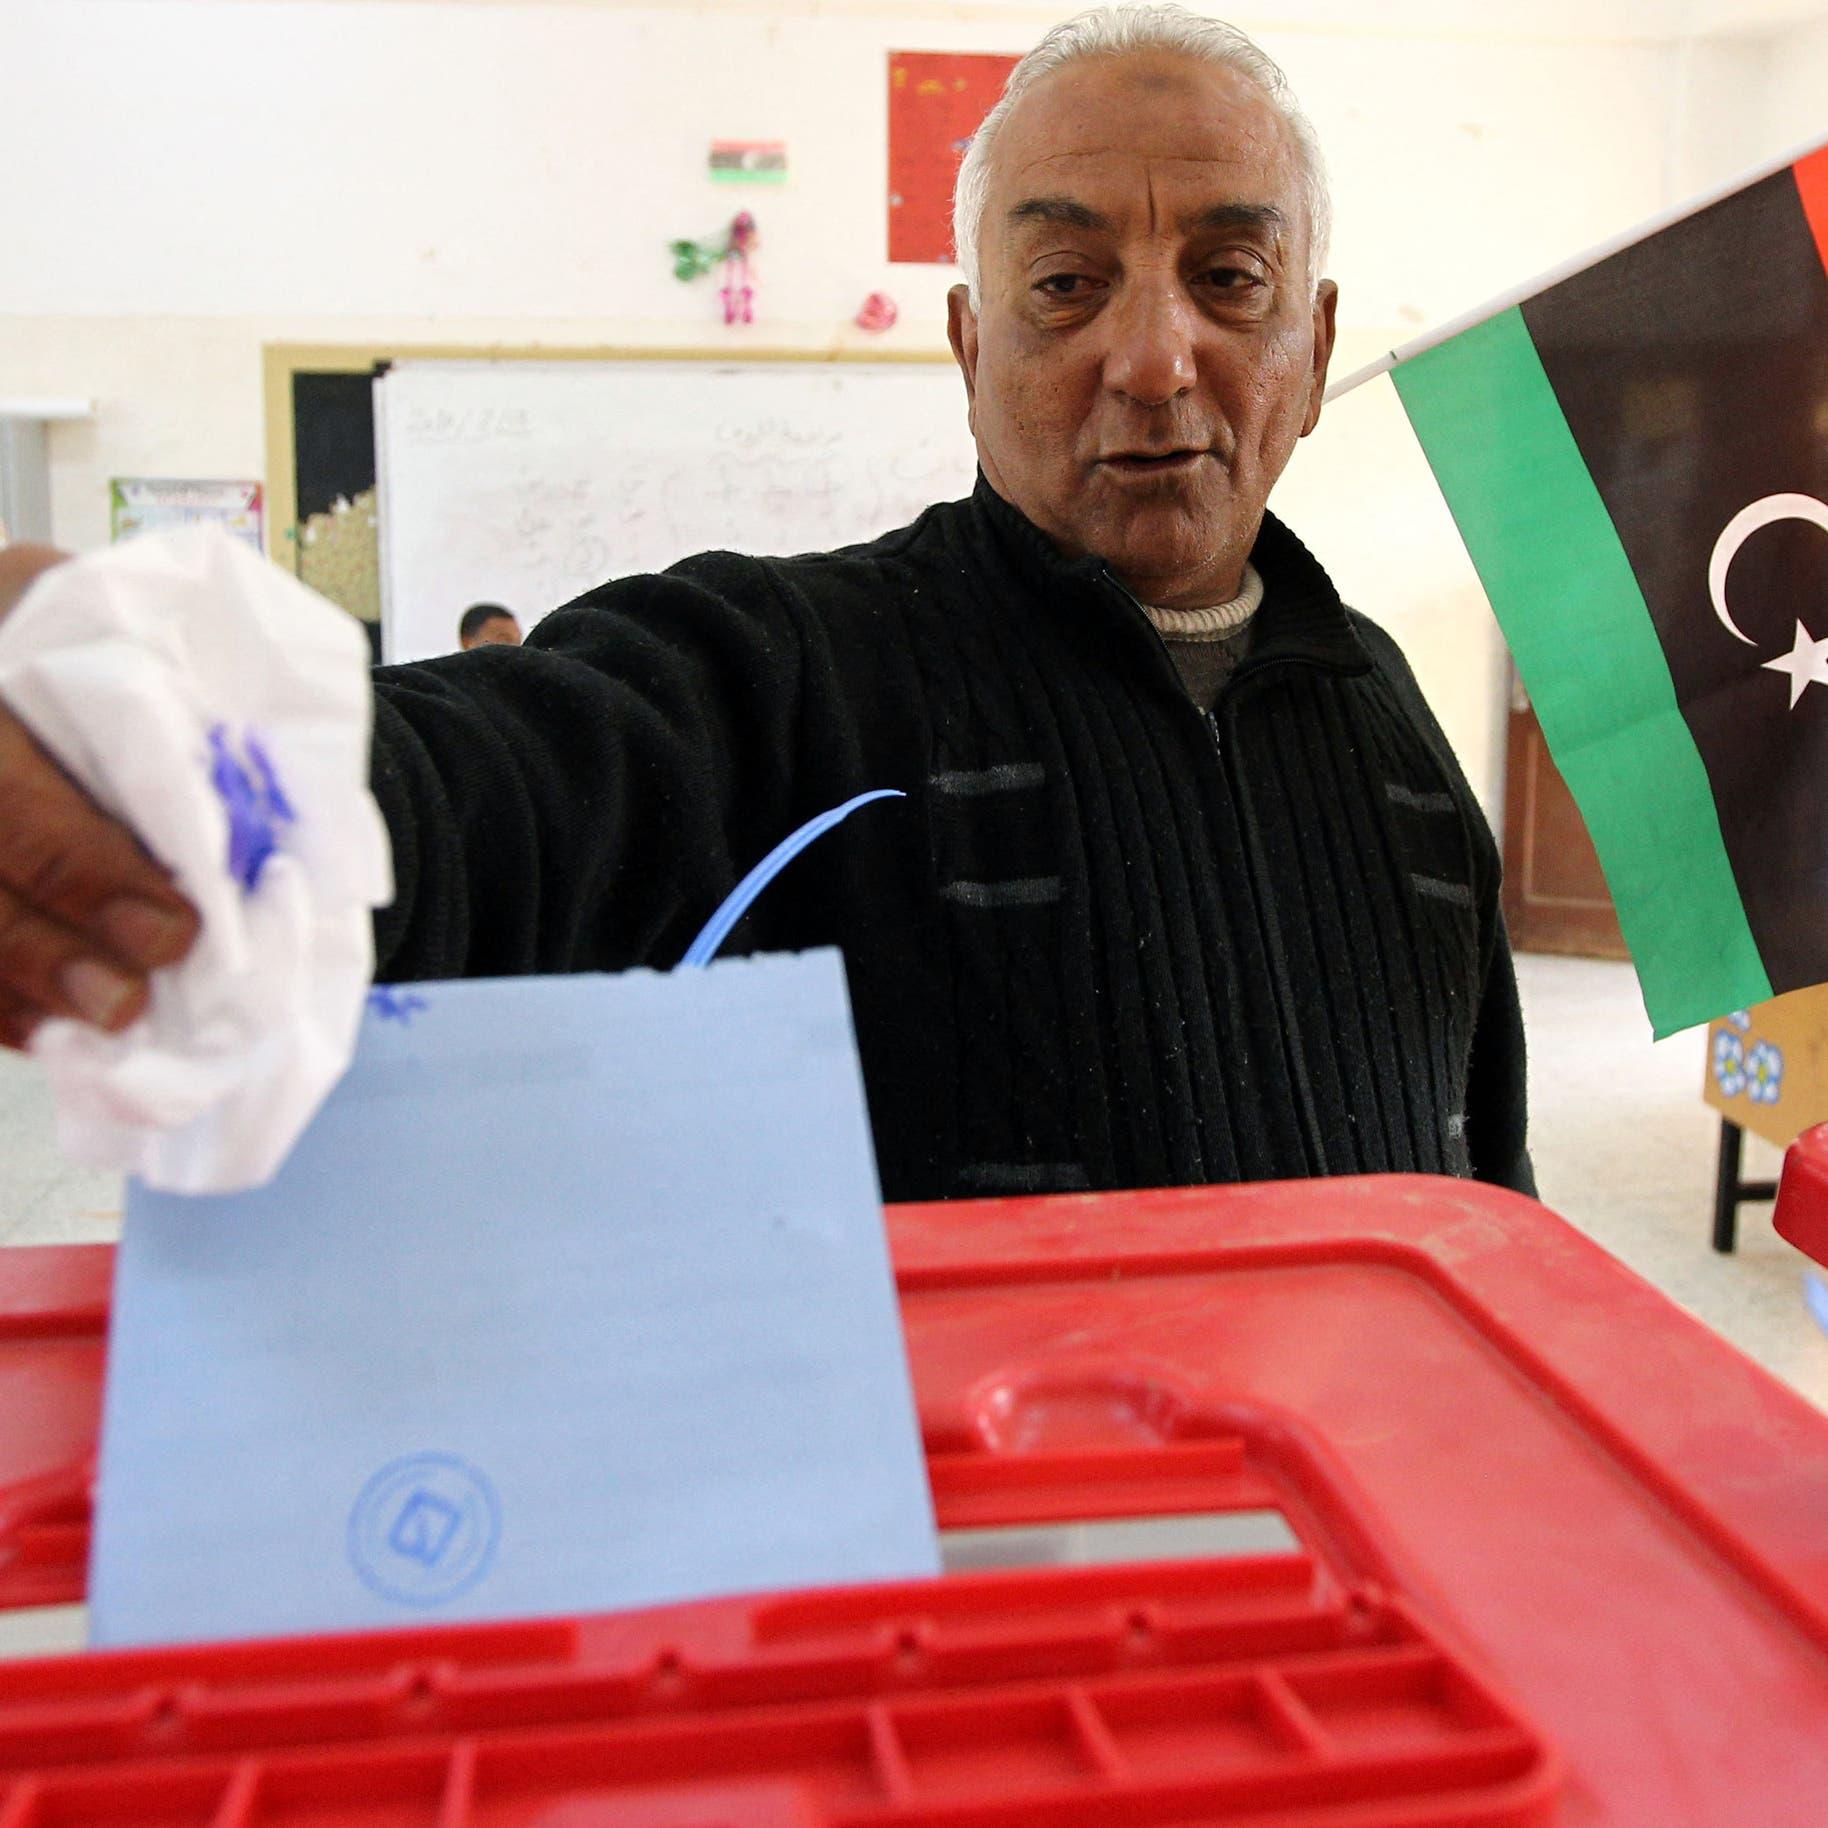 البرلمان يوافق على انتخاب رئيس ليبيا بشكل مباشر من الشعب